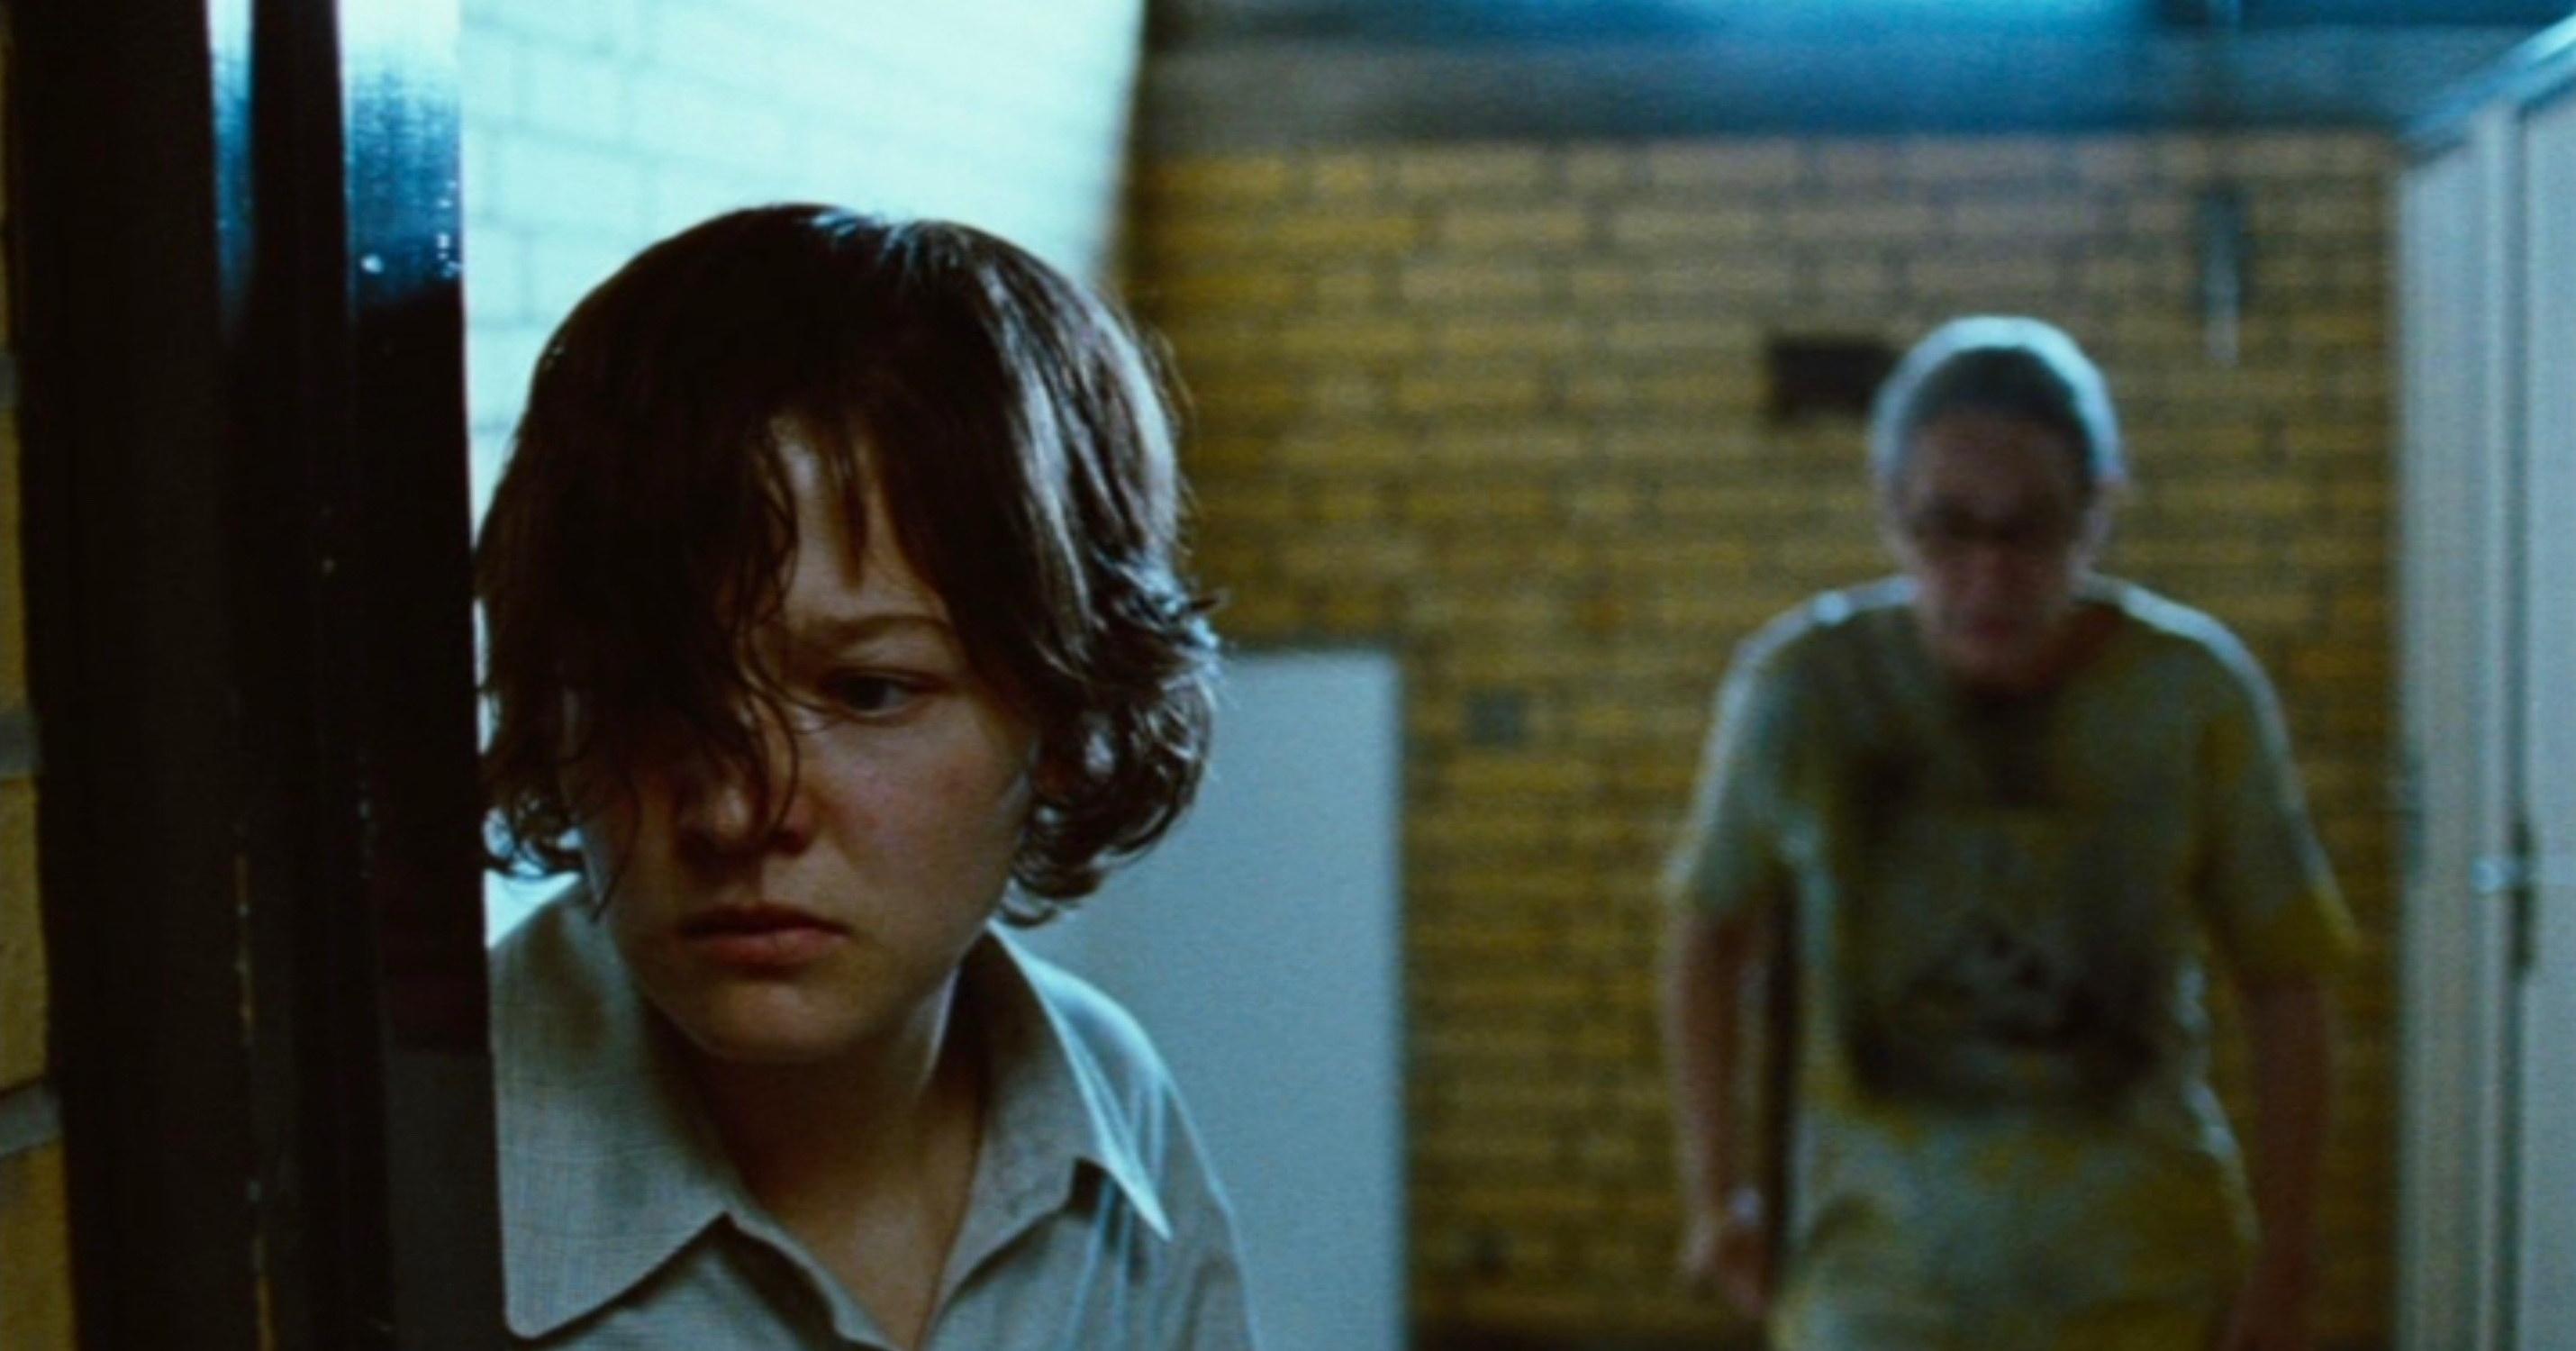 Vier Minuten - Four Minutes - Jenny ist traurig - Regie: Chris Kraus - Kamera Judith Kaufmann